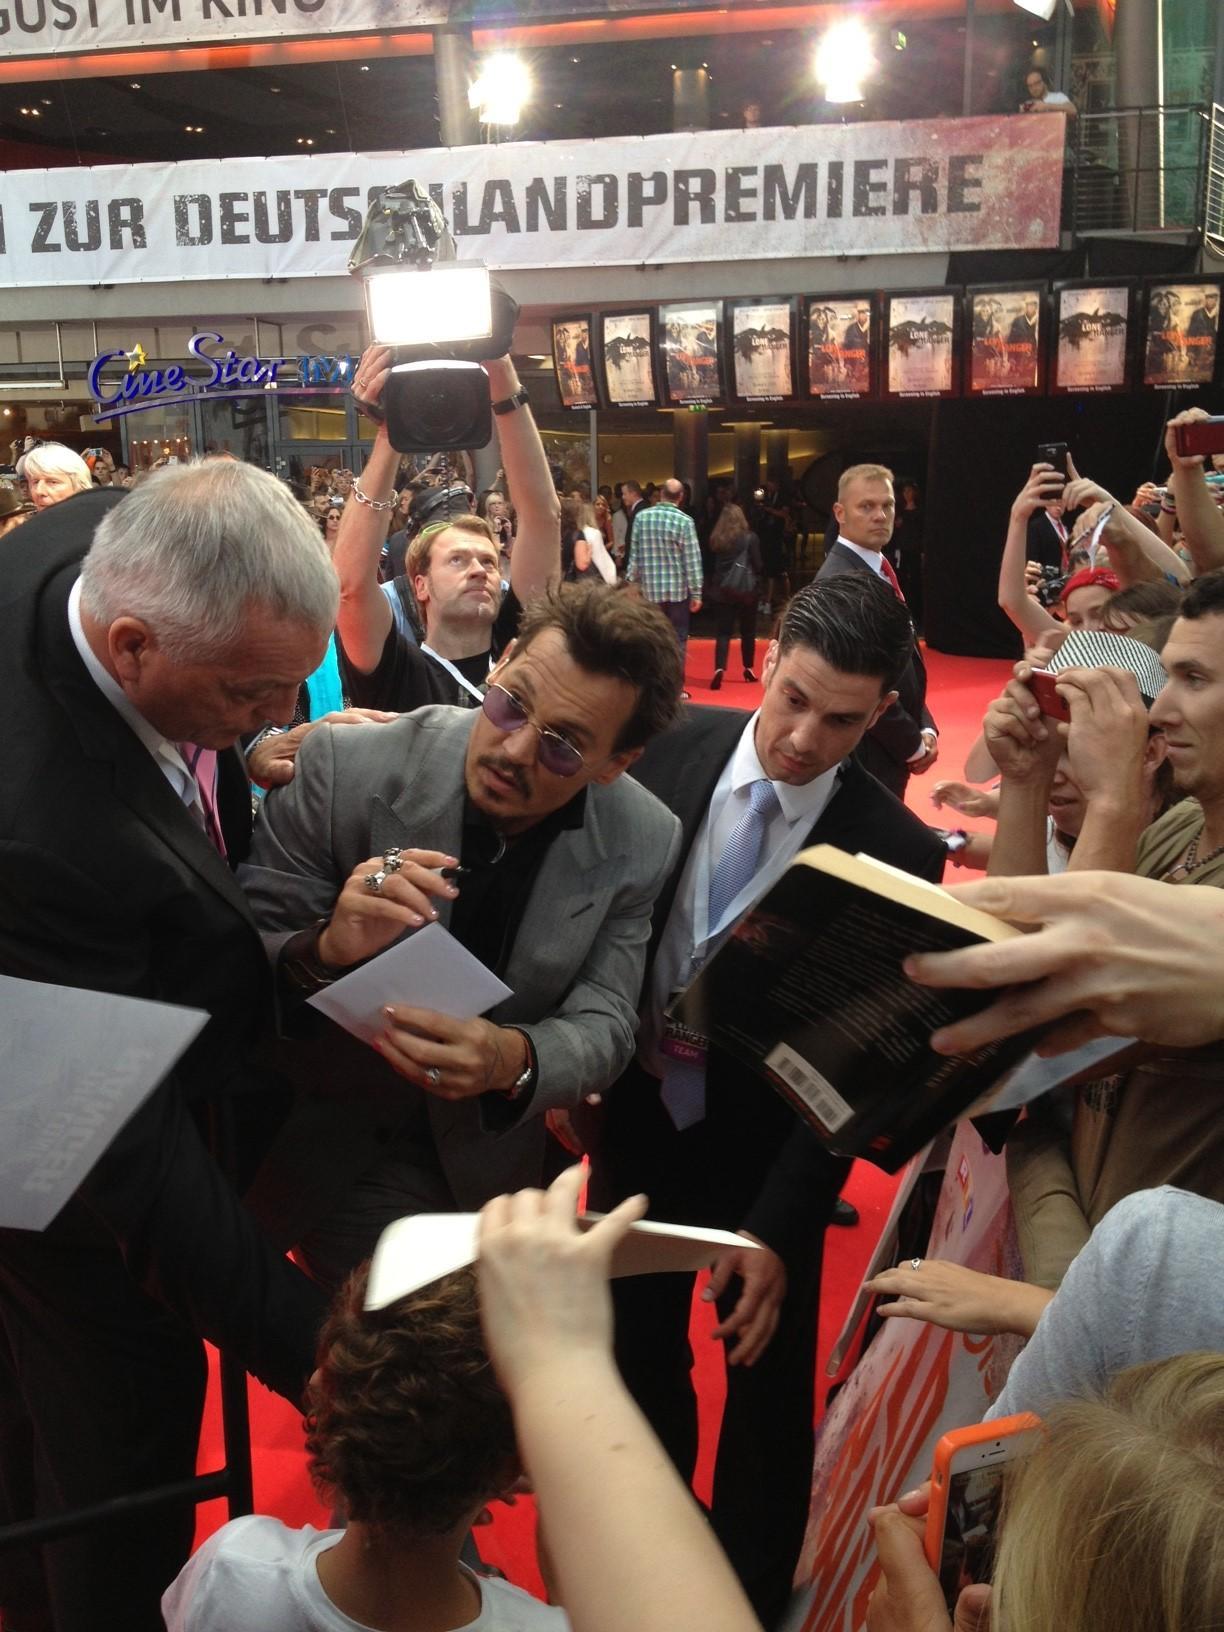 """Unsere Red-Carpet-Frau Ines beobachtet Johnny Depp bei der Deutschlandpremiere von """"The Lone Ranger"""" am 19. Juli beim geduldigen Autogrammegeben."""